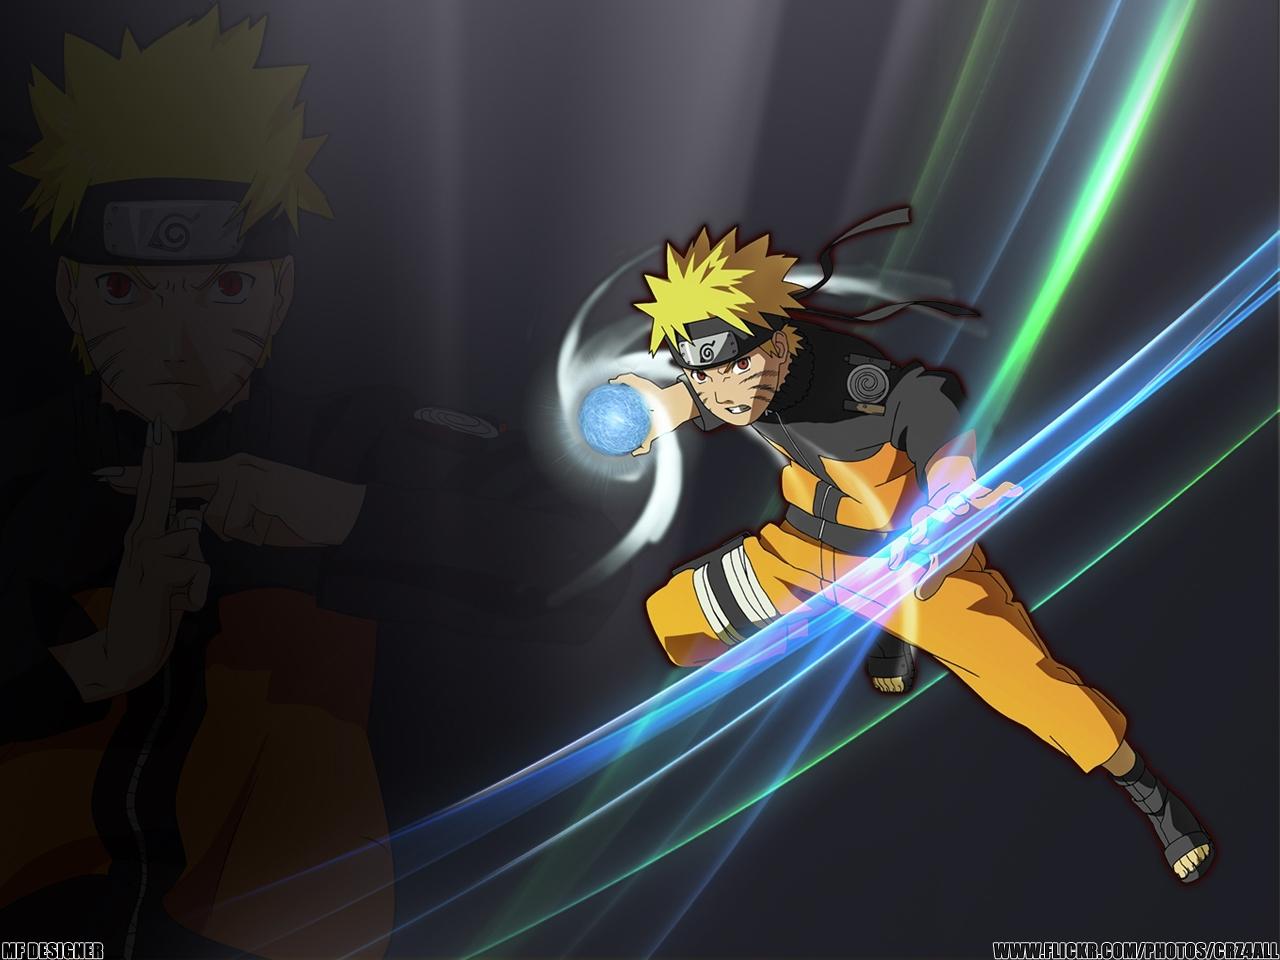 Great   Wallpaper Home Screen Naruto - naruto-rasengan-2-vista-ultimate  Perfect Image Reference_183356.jpg